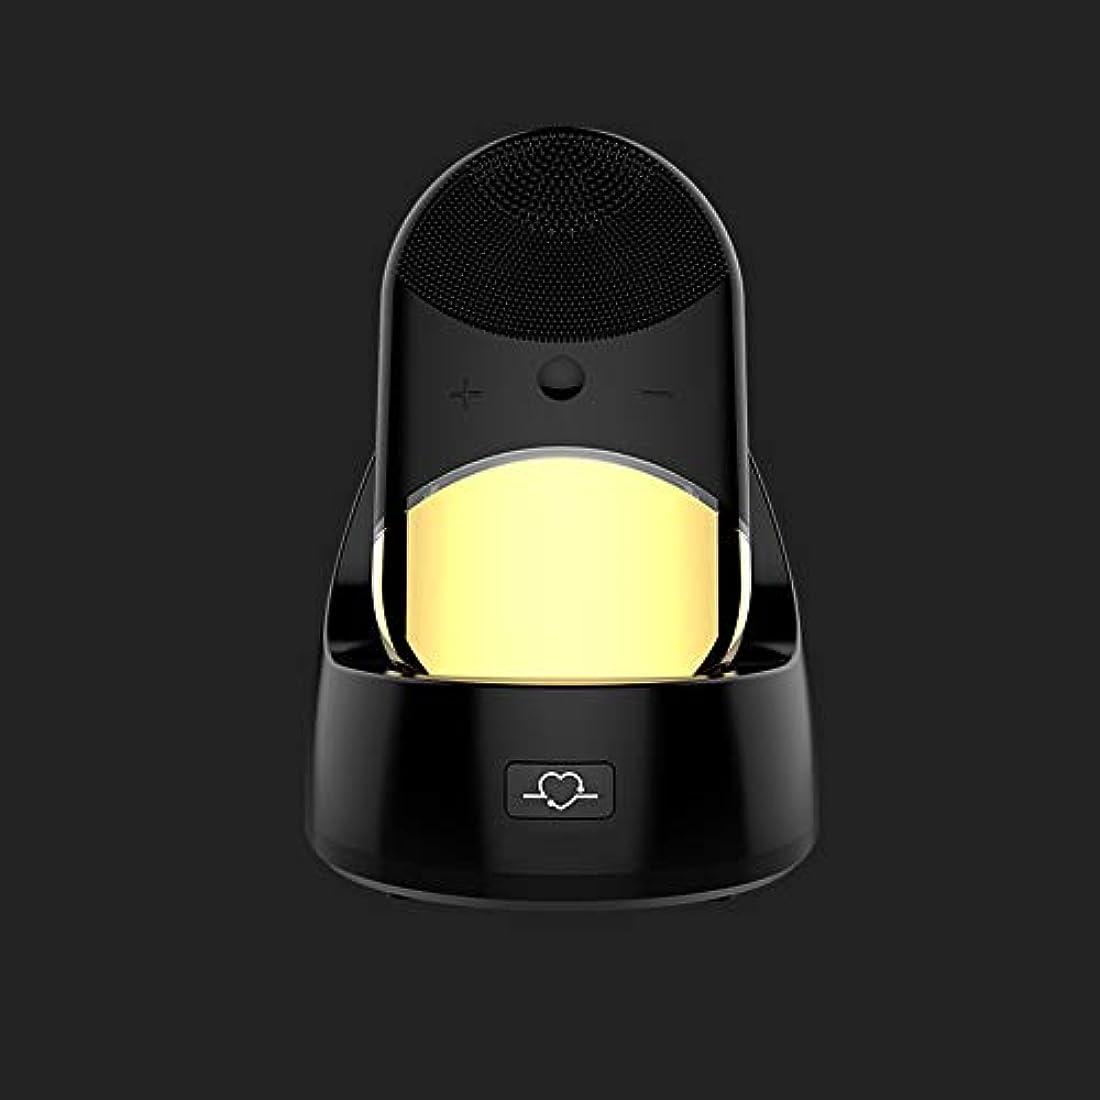 ステッチ栄養優れたZXF 新しい充電式シリコーン電気クレンジングブラシ45度マイルドとディープクリーンポア防水クレンジング器具マッサージ器具美容器具 滑らかである (色 : Black)